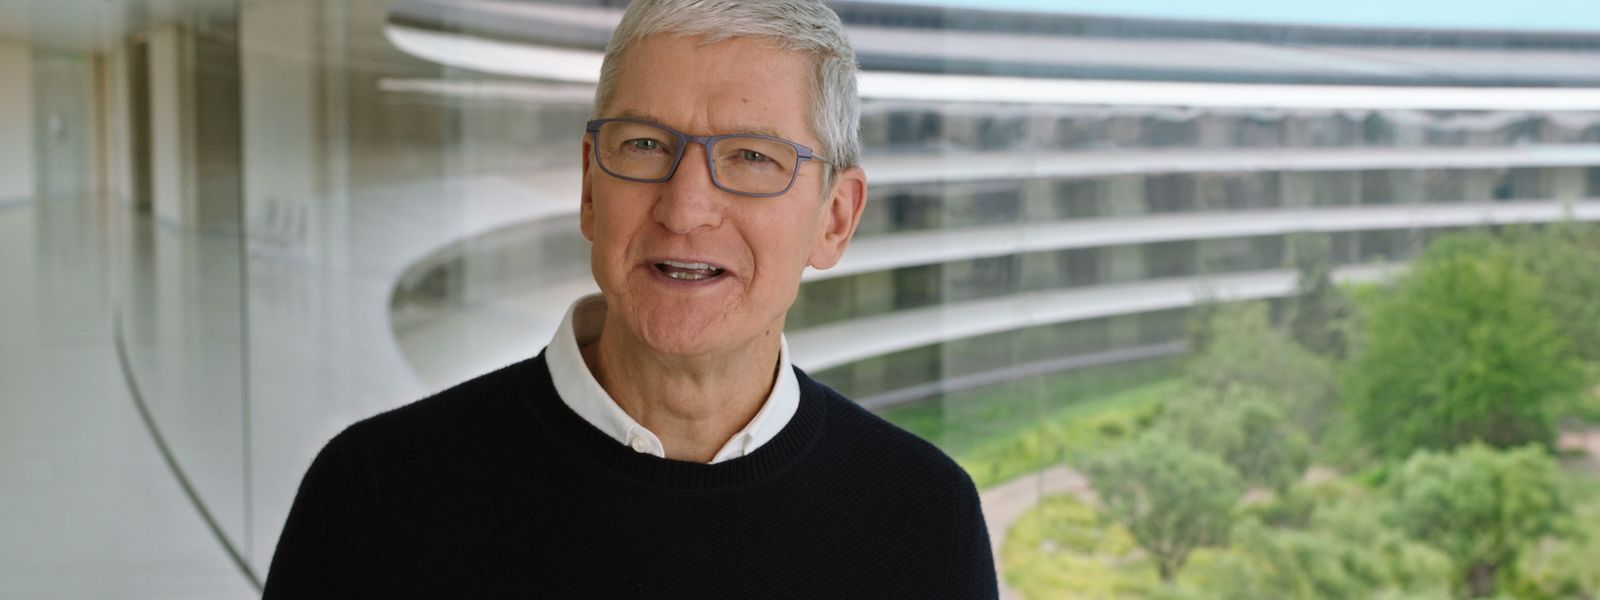 Apple-Chef Tim Cook kündigt aus dem Apple-Hauptquartier in Cupertino (Kalifornien) in einer Videoübertragung ein neues Modell der Apple Watch und neue iPad-Modelle an.